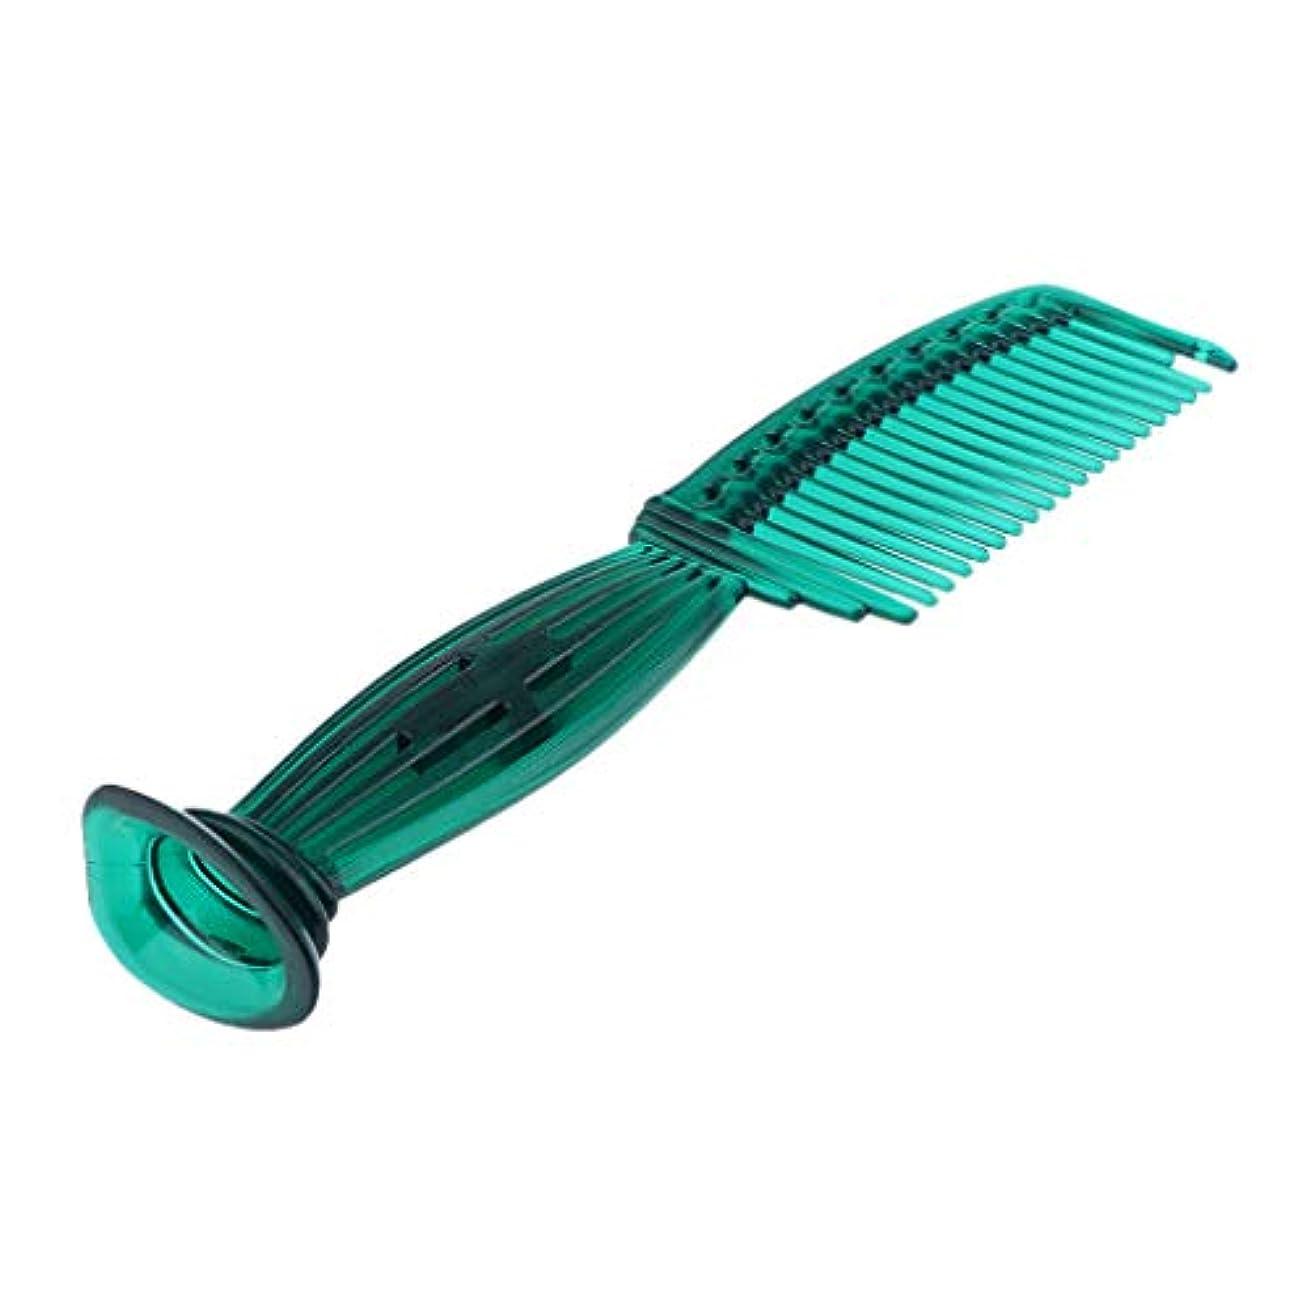 兵士予見する恥ずかしさB Baosity ヘアコーム ヘアブラシ ラウンドチップ ワイドスペースの歯 頭皮保護 櫛 5色選べ - 緑